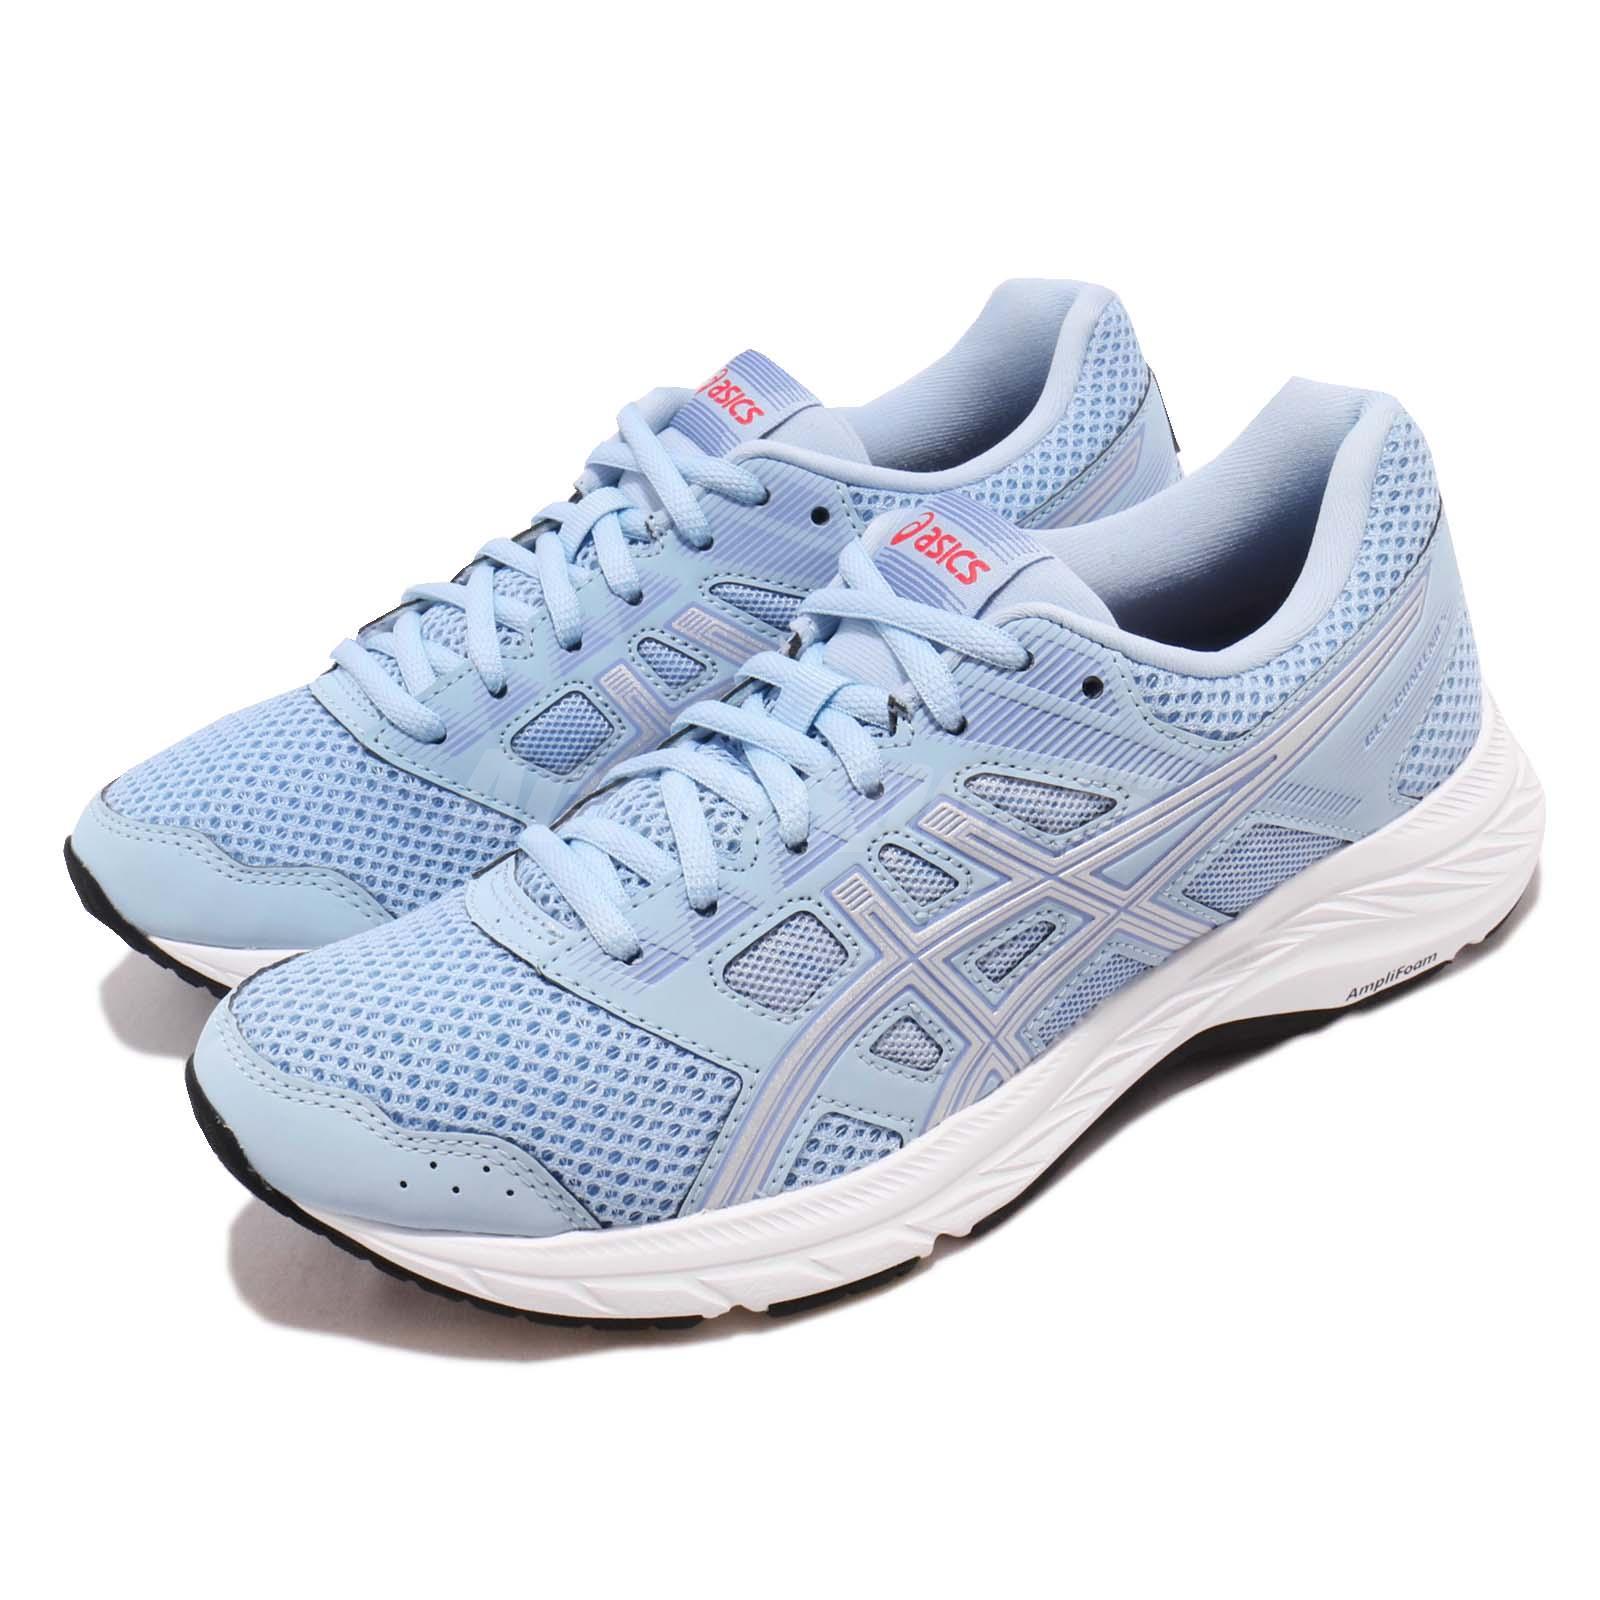 watch 7b504 d8d01 Details about Asics Gel Contend 5 Skylight Silver Women Running Shoes  Sneakers 1012A234-400